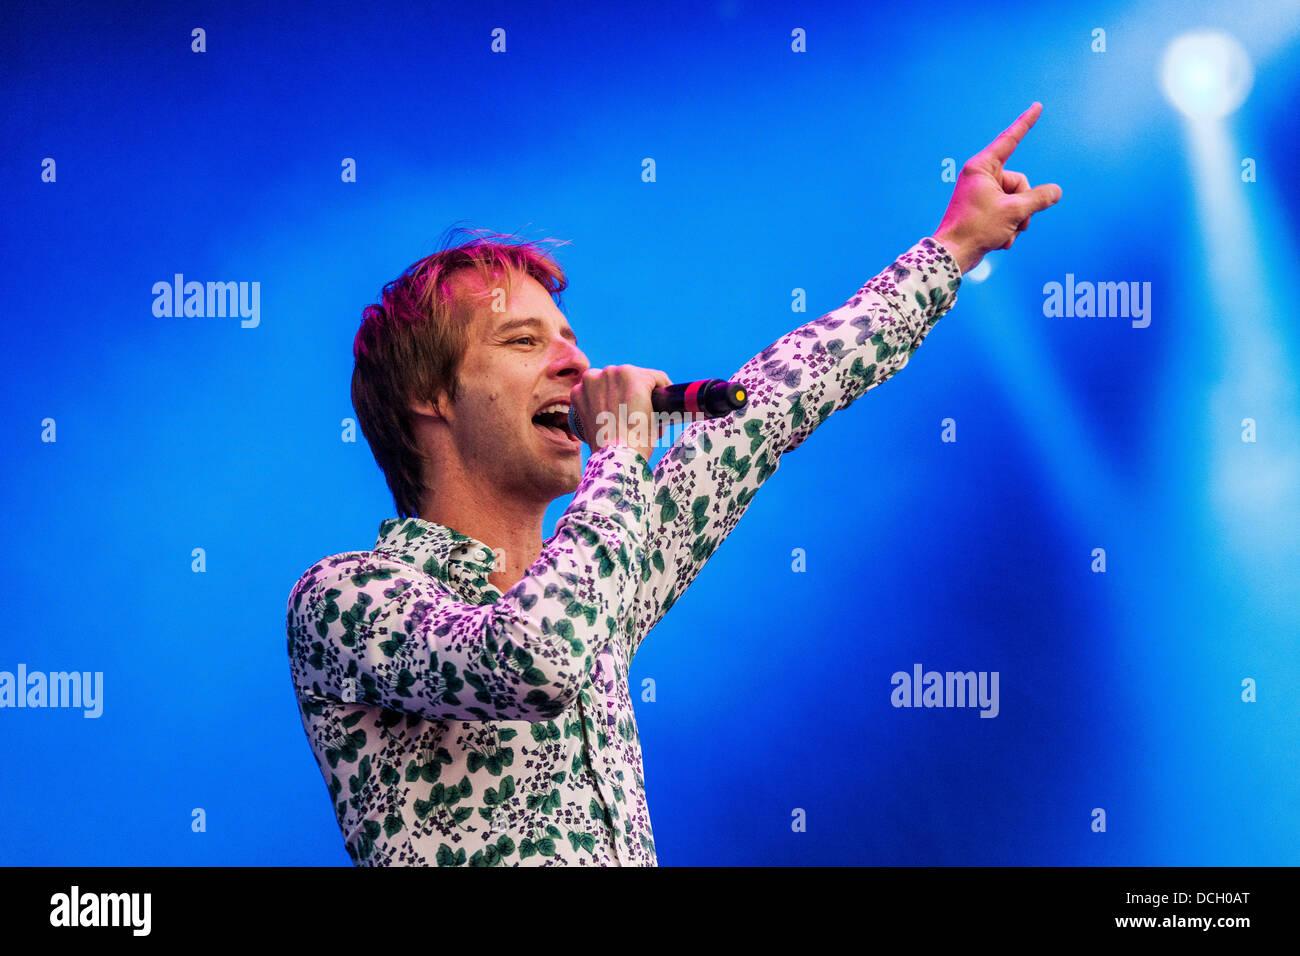 Remenham, Henley-on-Thames, Oxfordshire, Regno Unito. Il 17 agosto 2013. Inglese cantante pop Chesney Hawkes esegue Immagini Stock